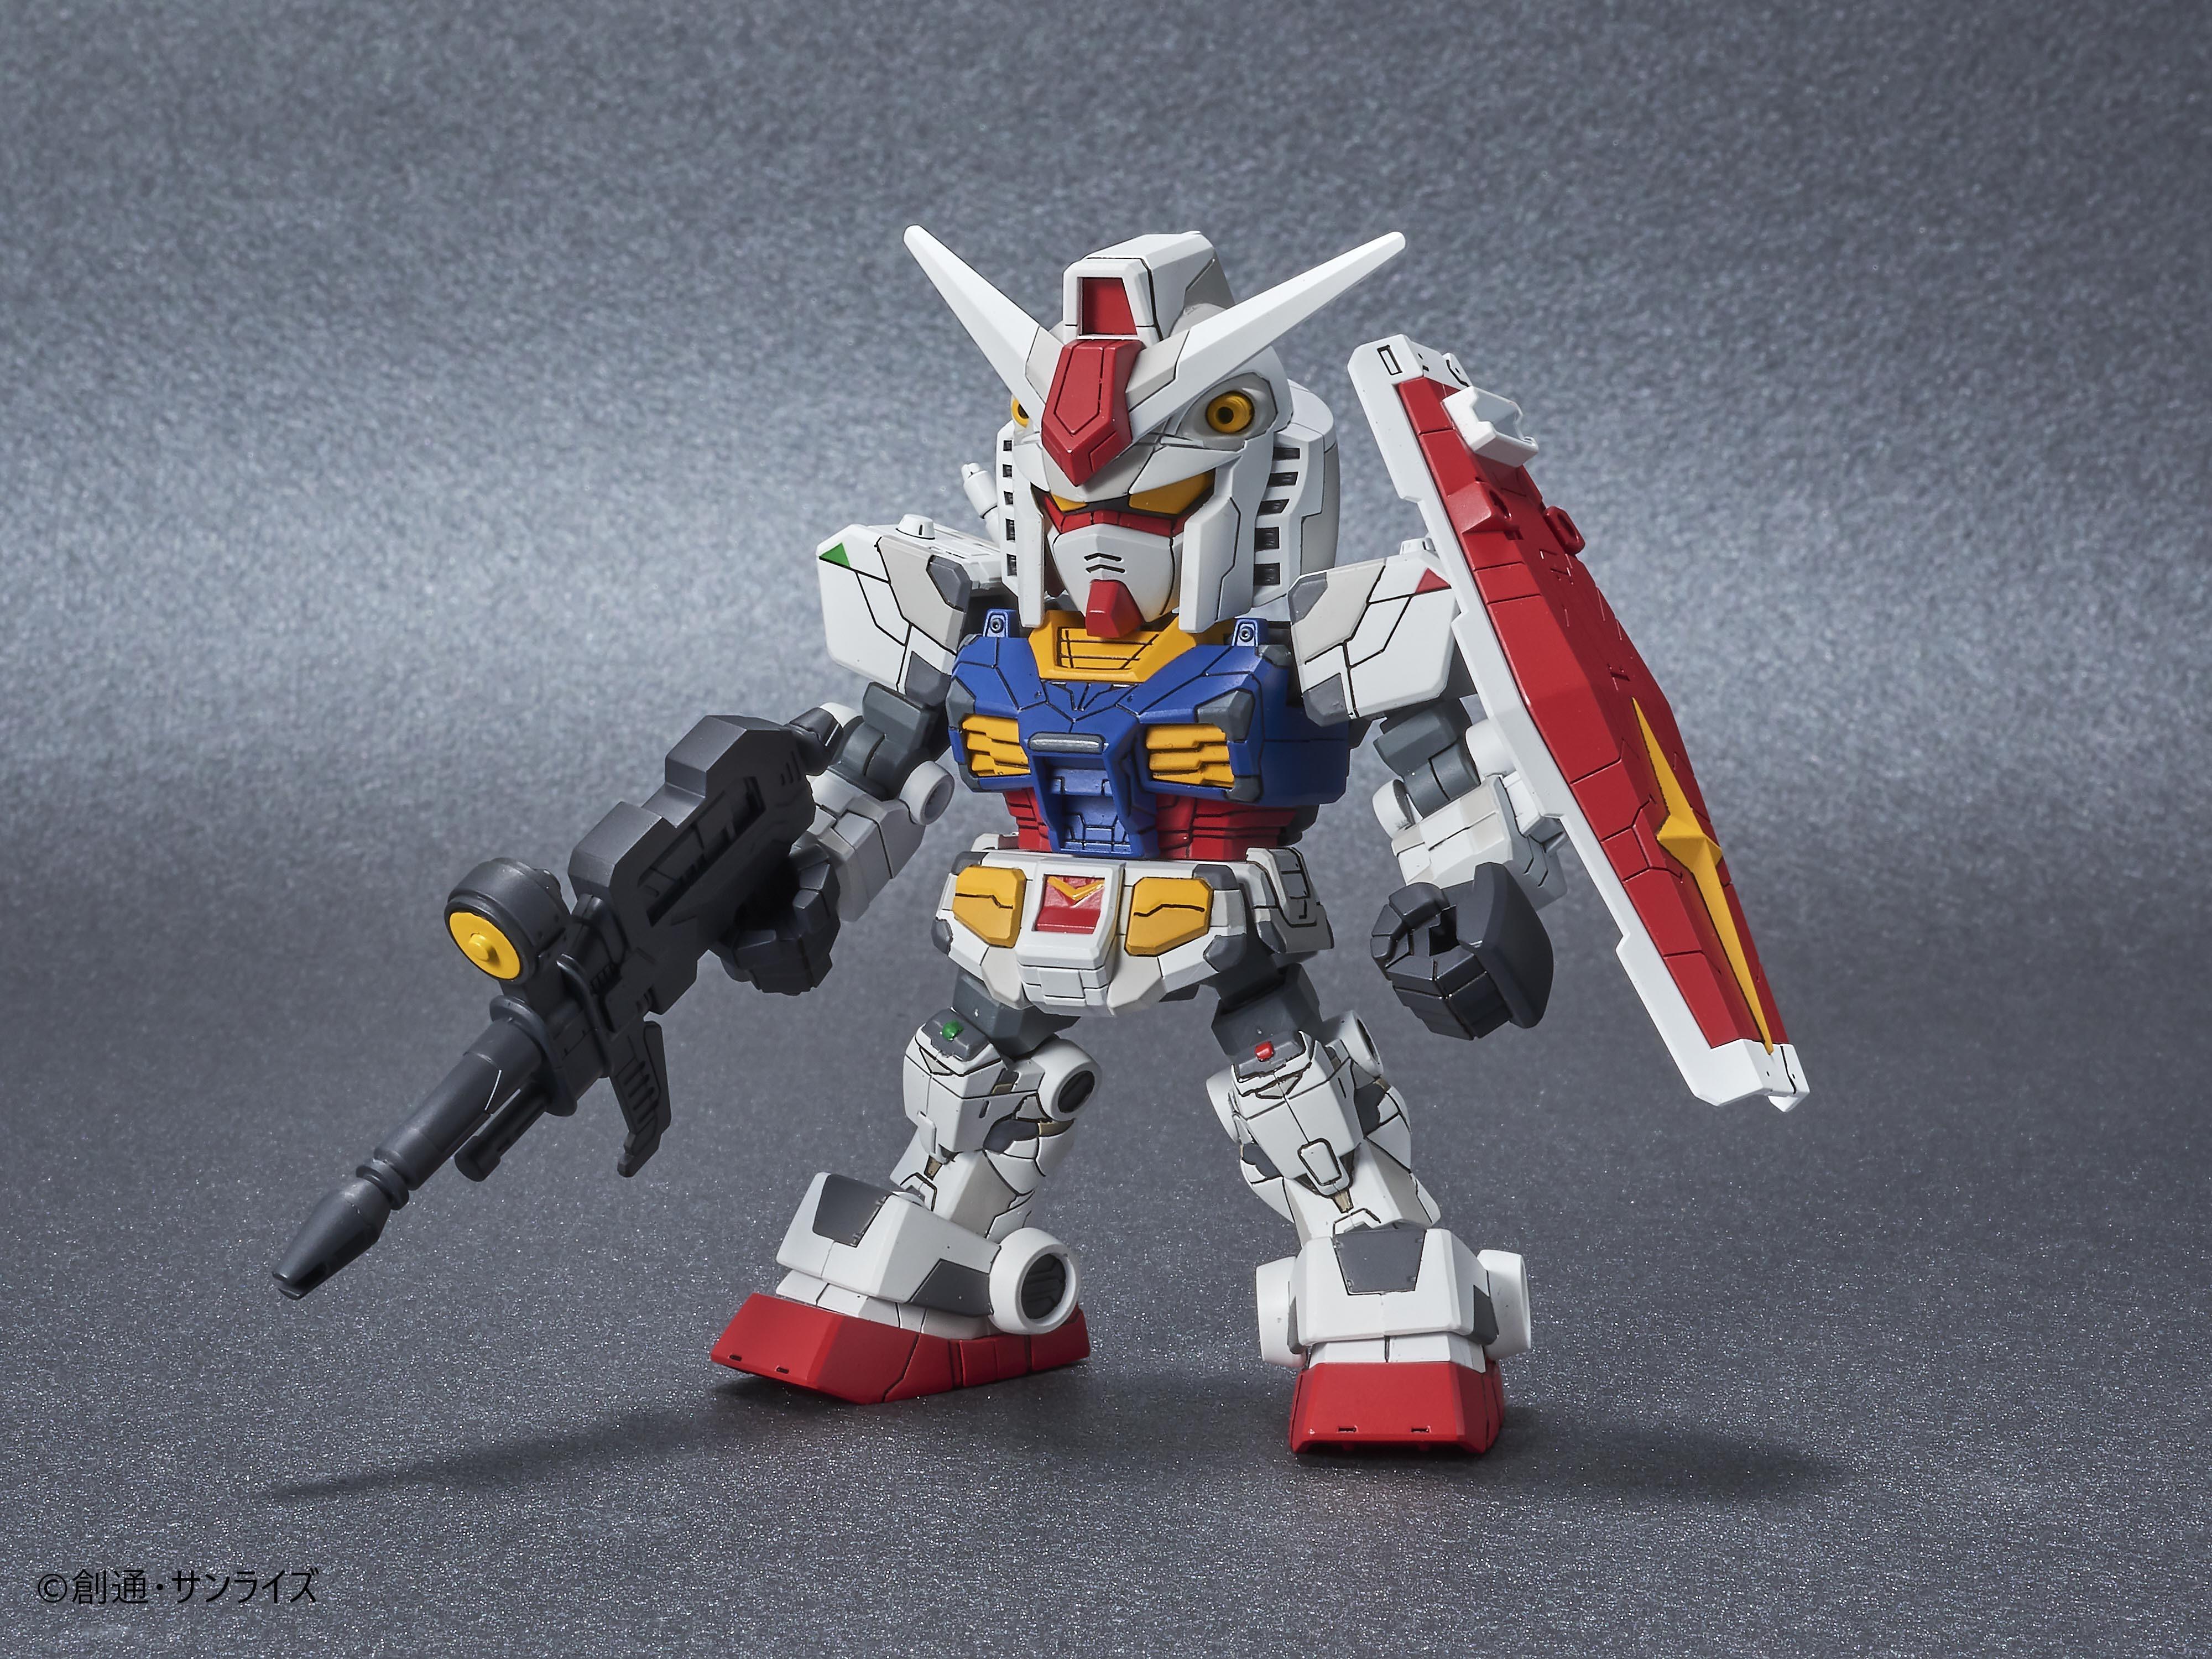 SD ガンダムクロスシルエット RX-78F00 ガンダム 1320 円(税込)